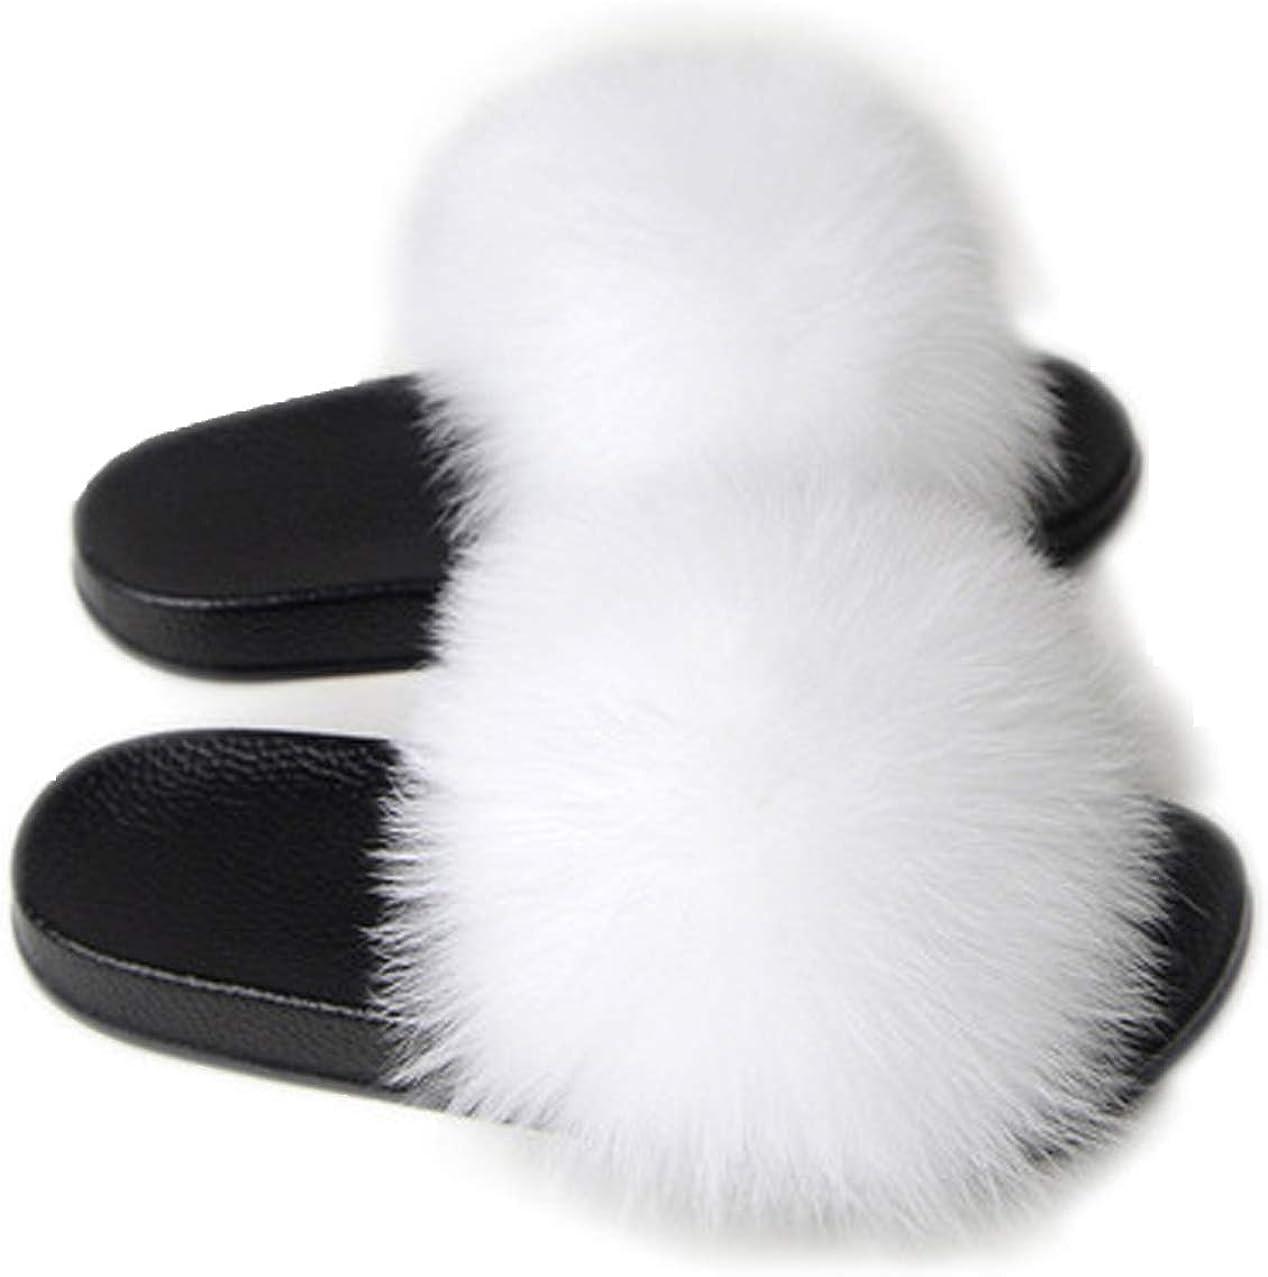 Chaussons Chaudes en Peluche pour Int/érieur et Ext/érieur Pantoufles Fuzzy en Fausse Fourrure Douce Tongs Antid/érapantes et Souples Chaussons pour Femmes